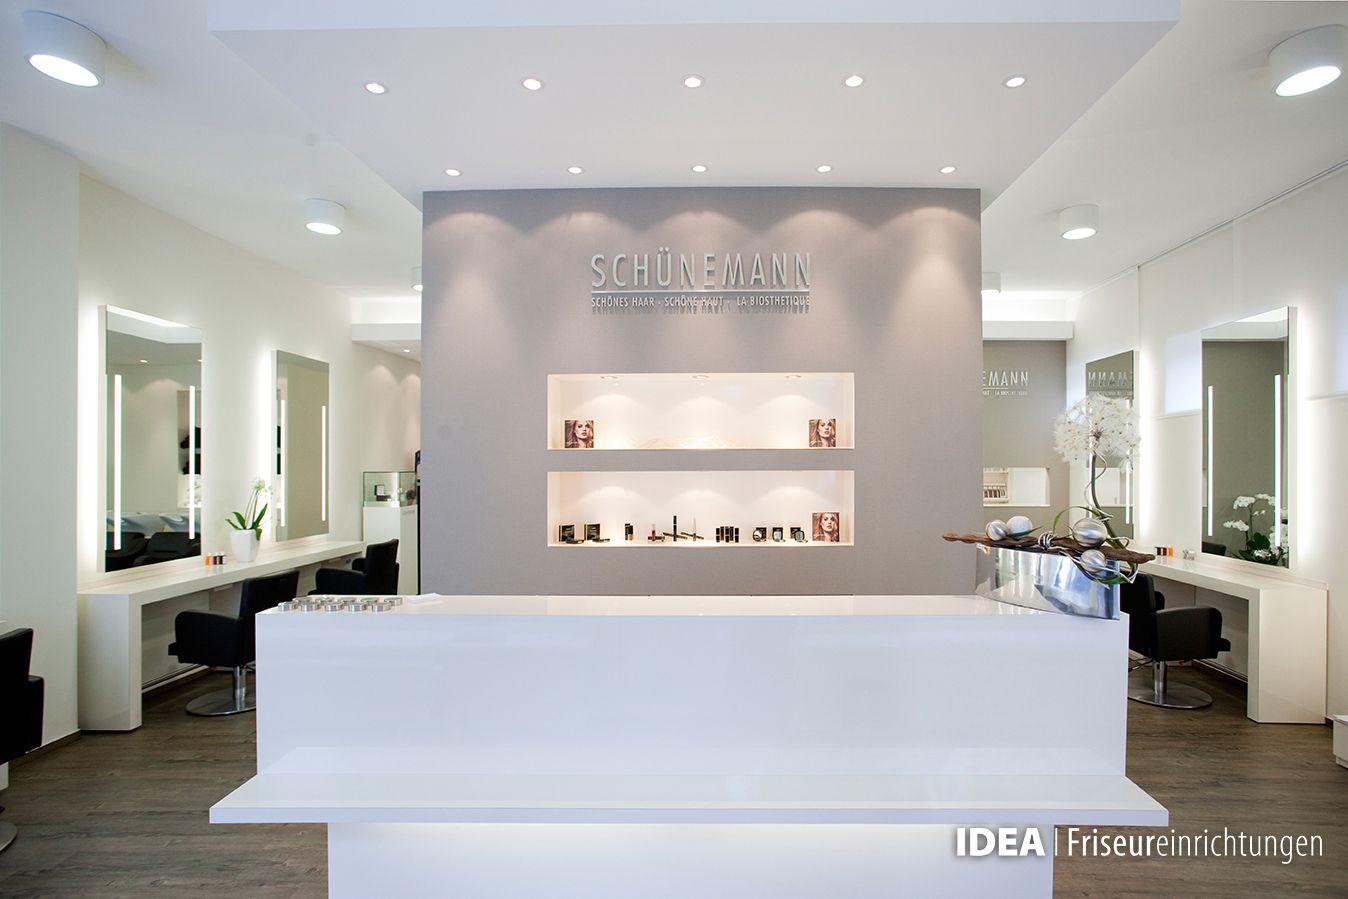 Www Idea Firseure Hair Beauty Salon Furniture Design Idea Friseureinrichtung Friseu Schonheitssalon Einrichtung Friseursalon Design Salon Dekoration